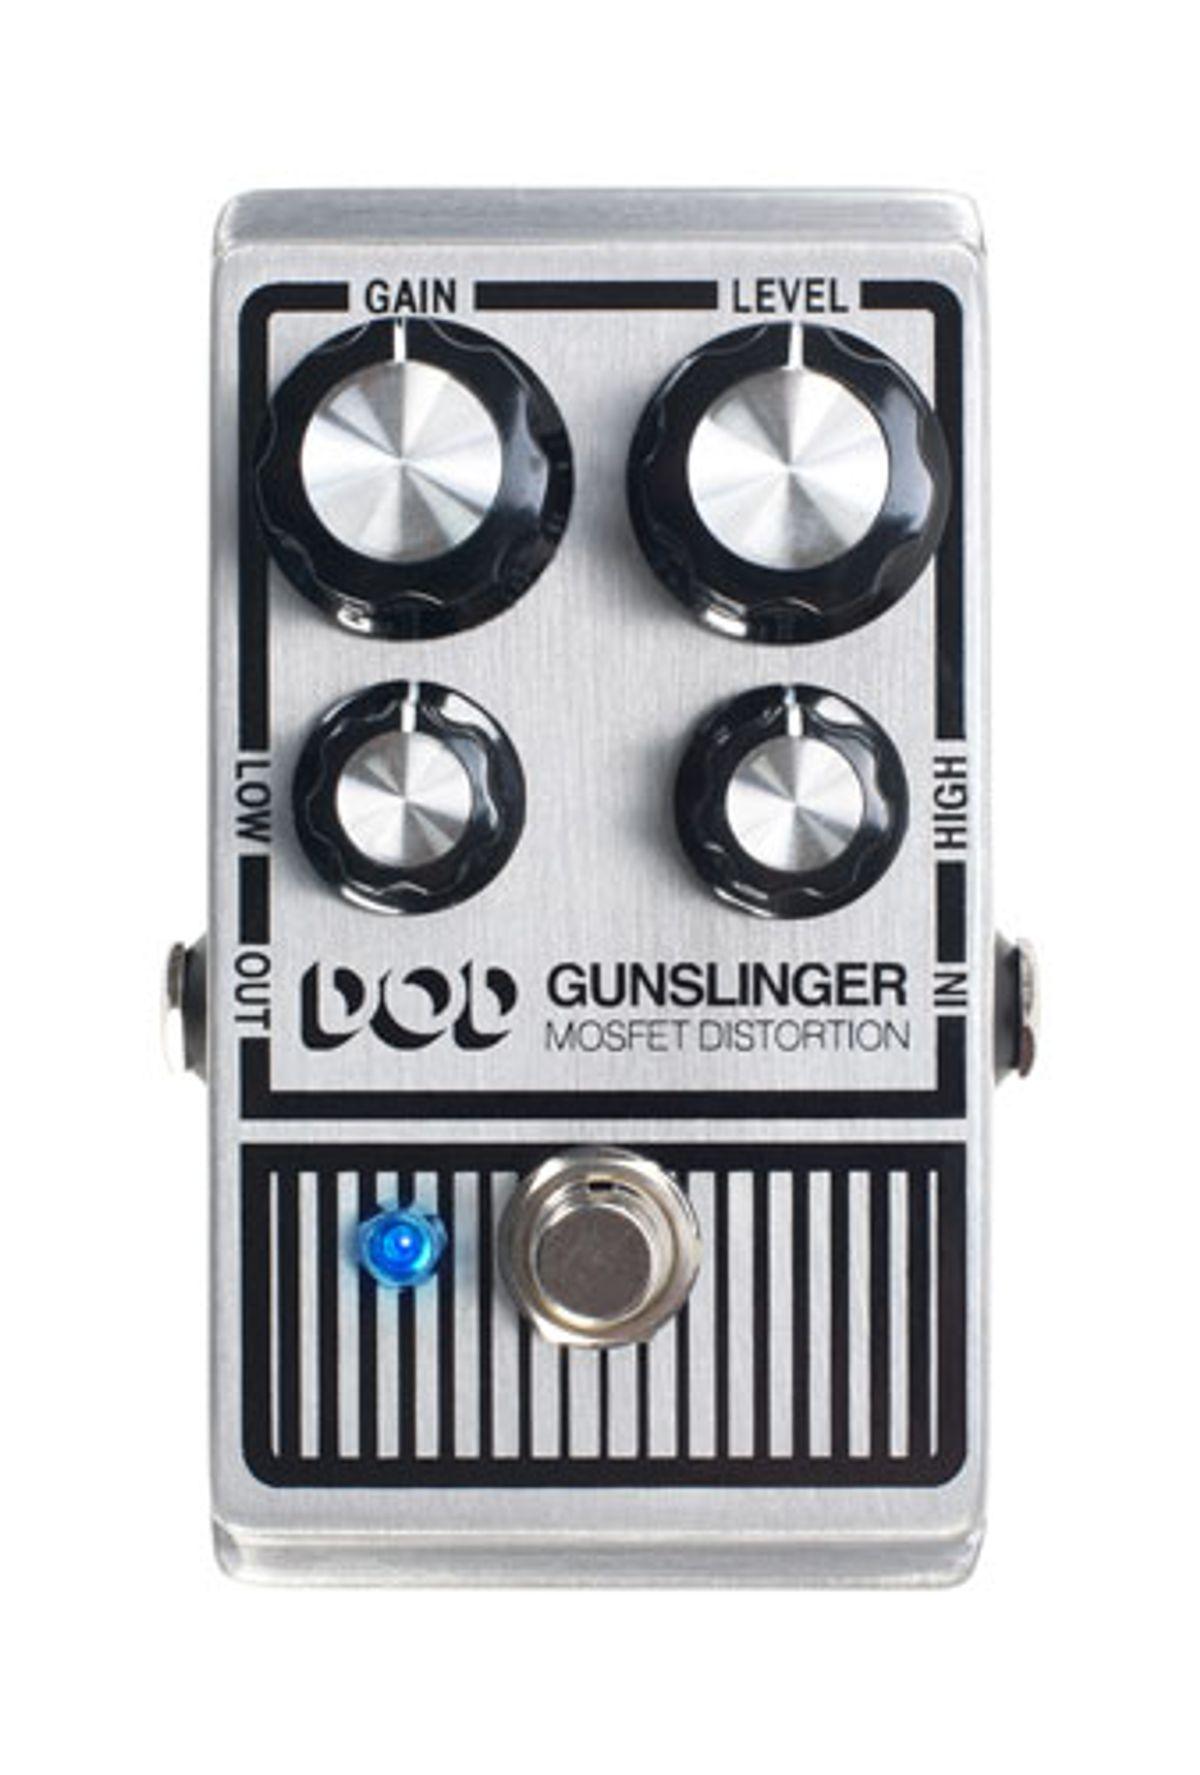 DigiTech Introduces the Gunslinger MOSFET Distortion